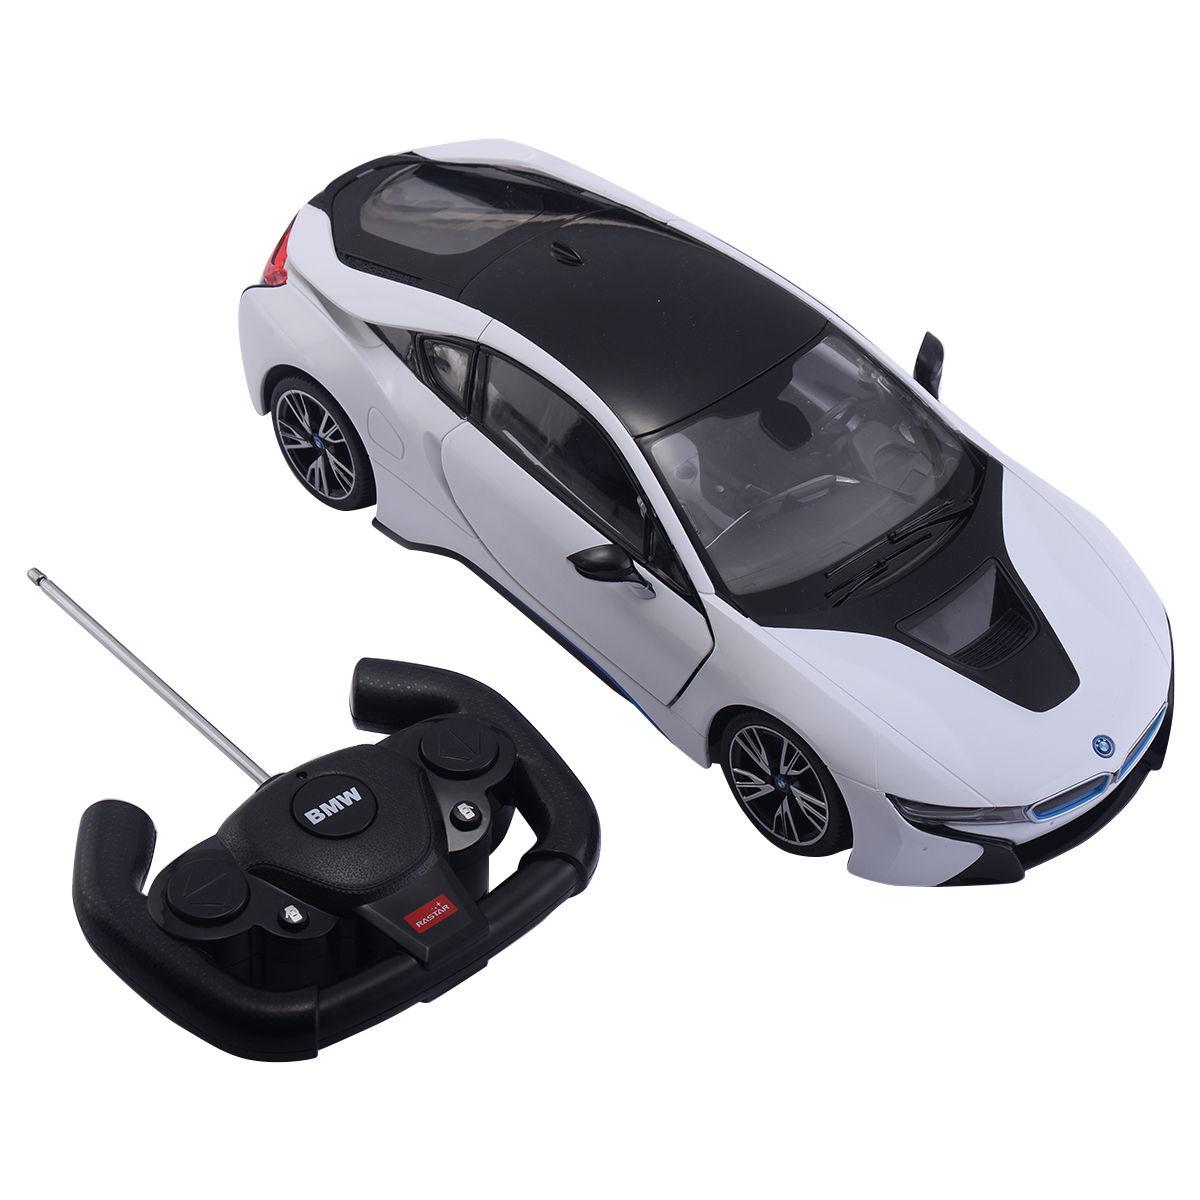 Ingin Beli Mobil Remote control untuk Hobi ataupun Mainan Anak - Perkembangan Teknologi Mobil Remote Control, Dari Sekadar Mainan Jadi Sarana Adu Kecepatan